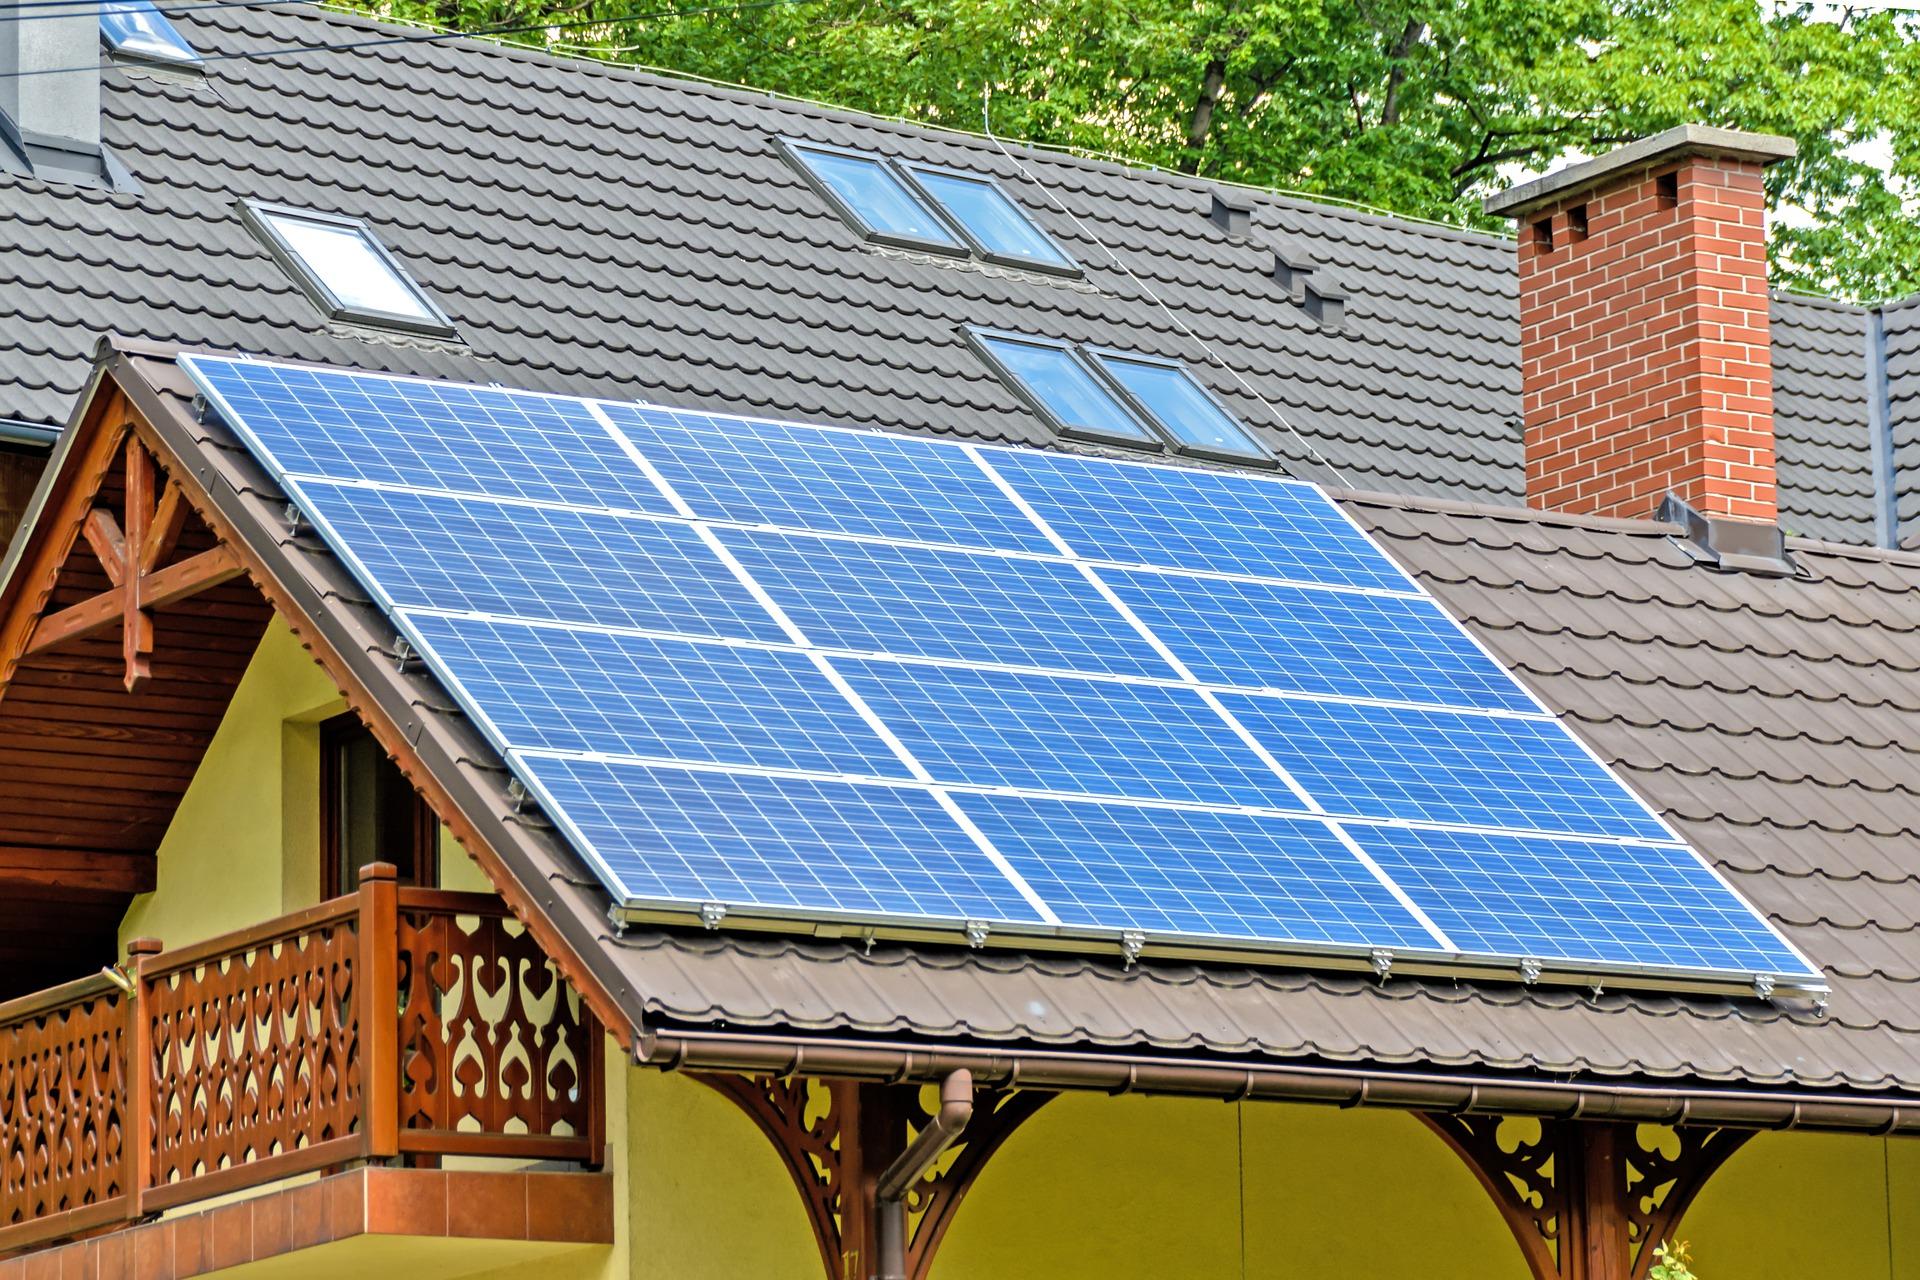 ステップ2:クリーンエネルギーを生活に取り入れる